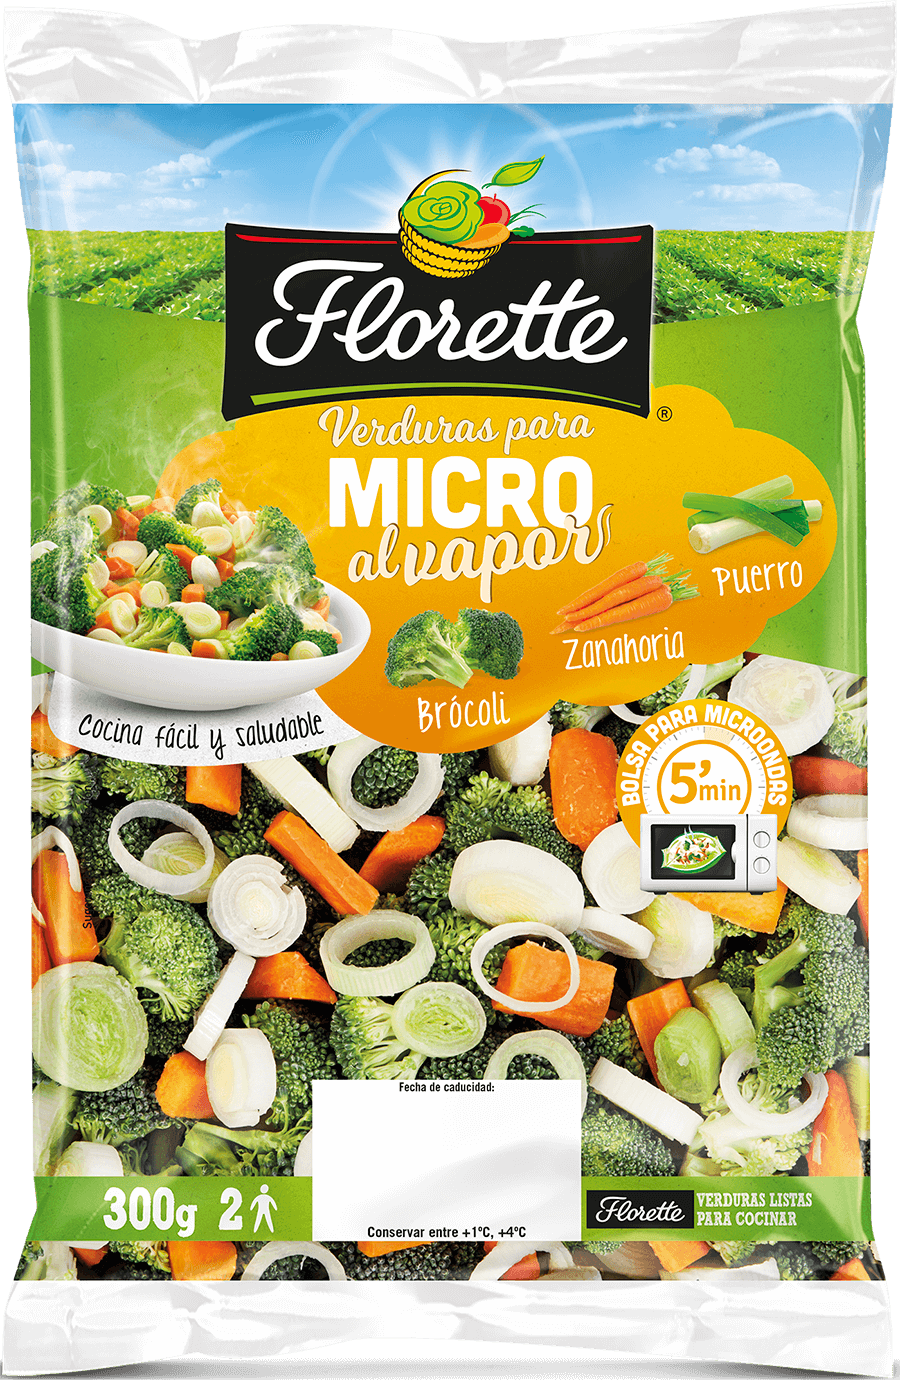 florette_verdurasmicro_web